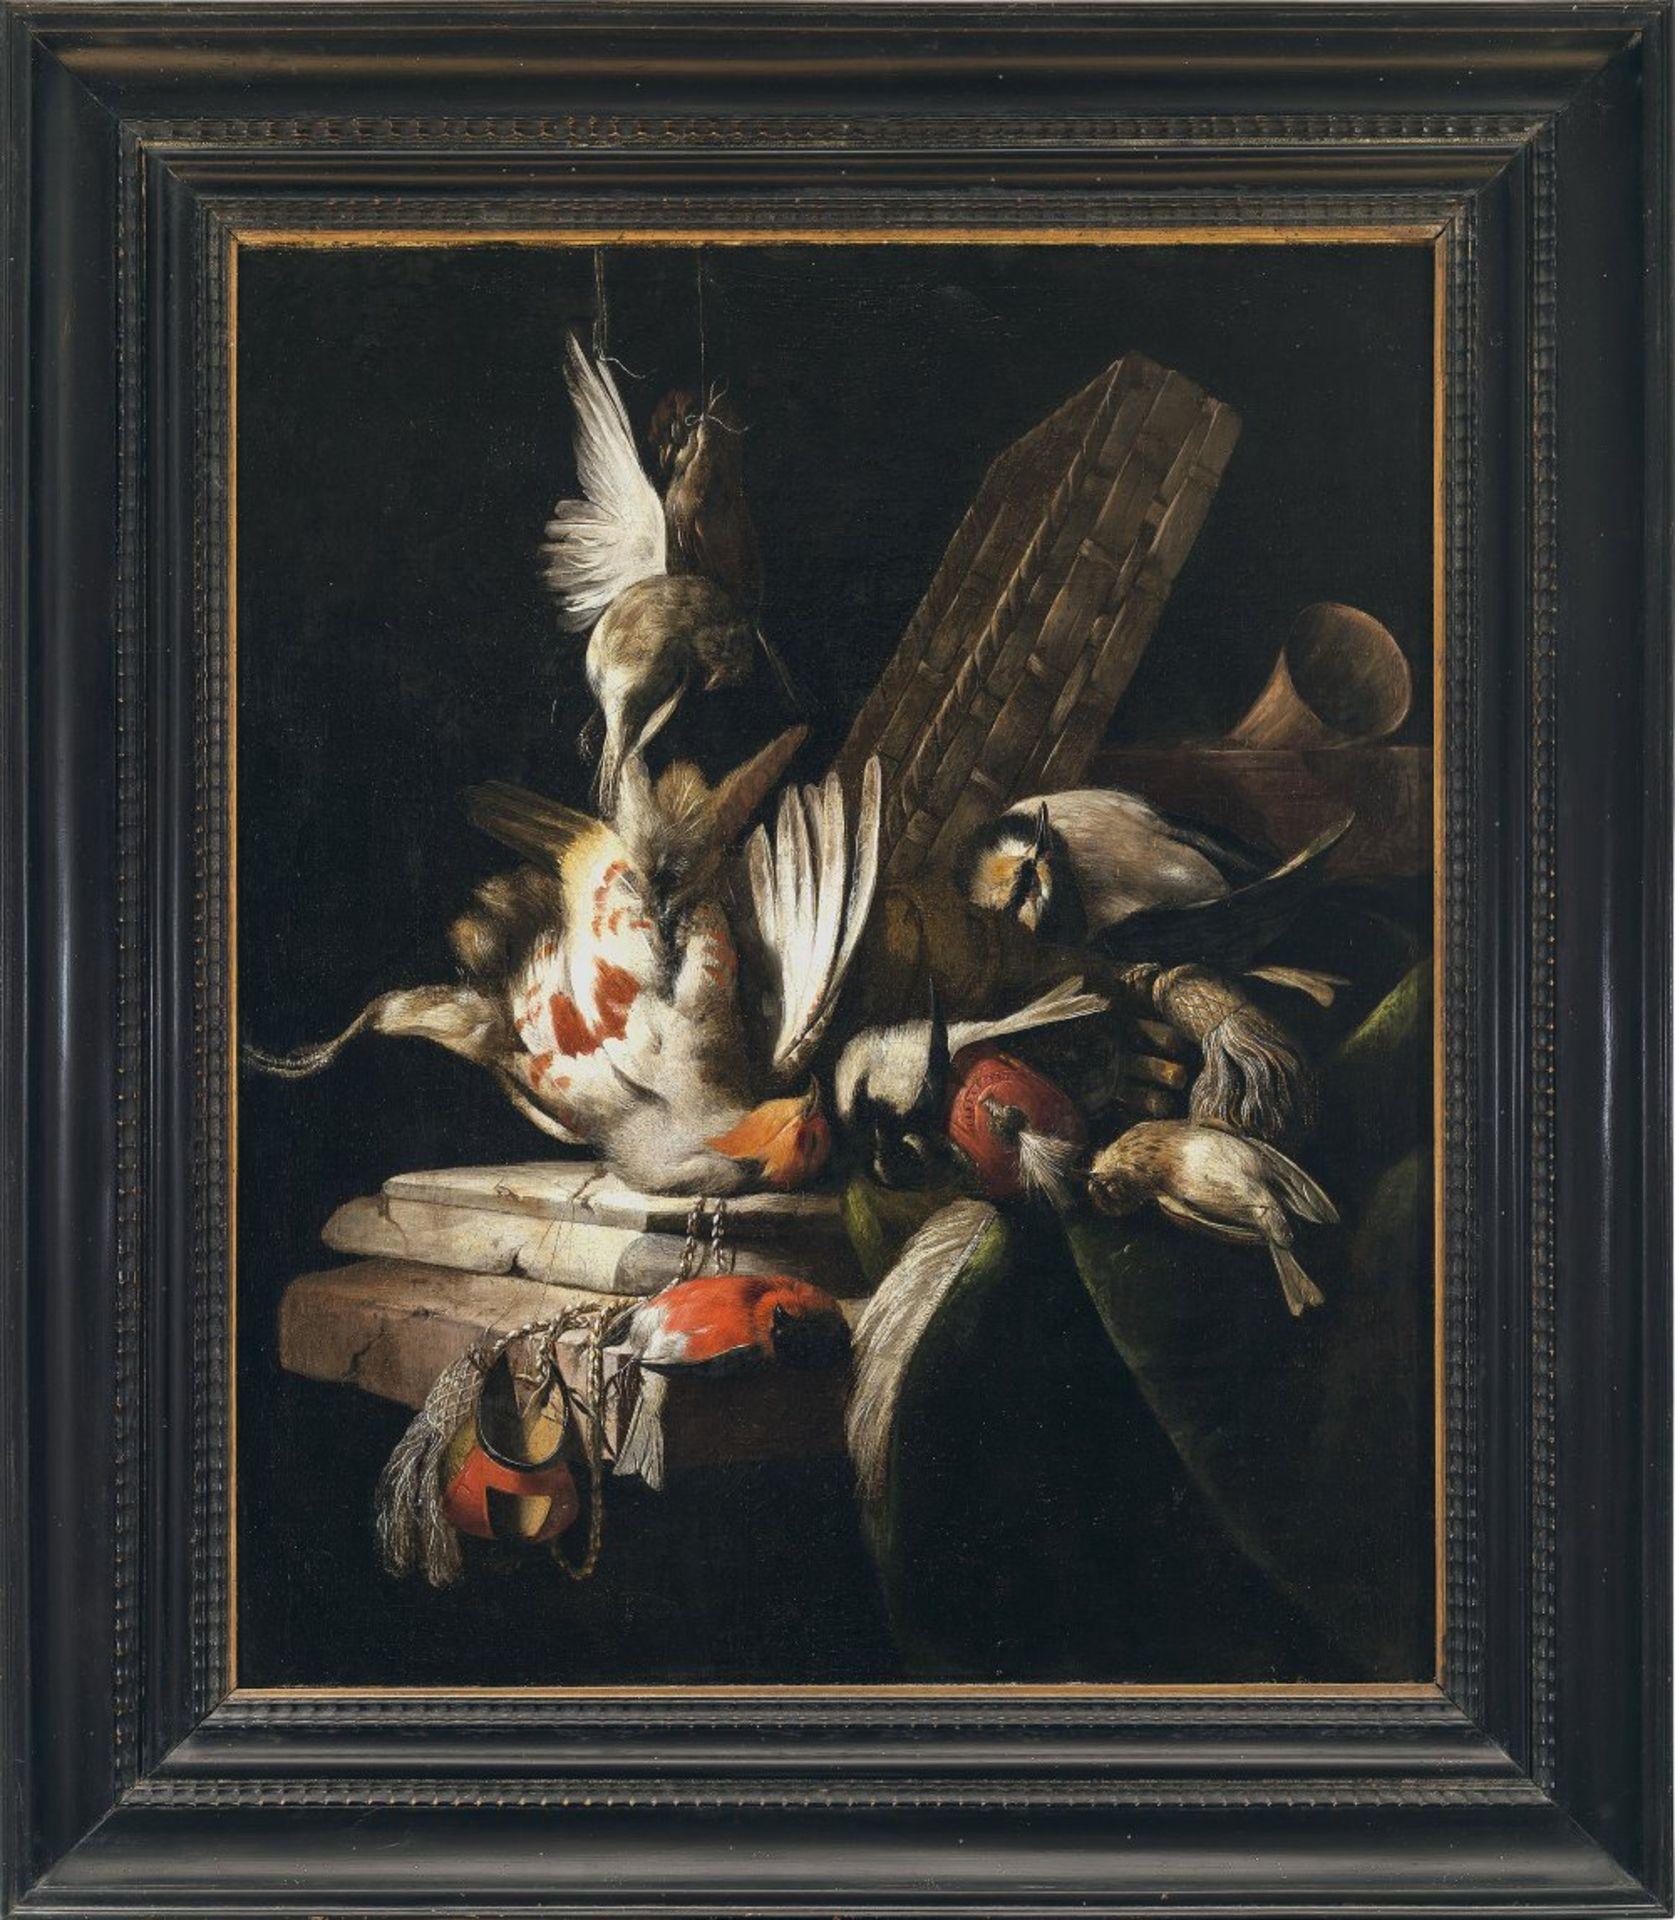 Aelst, Willem vanJagdstillleben mit Vögeln und Falknerhäubchen. Öl/Lw. 67 x 55 cm. Rest., doubl.